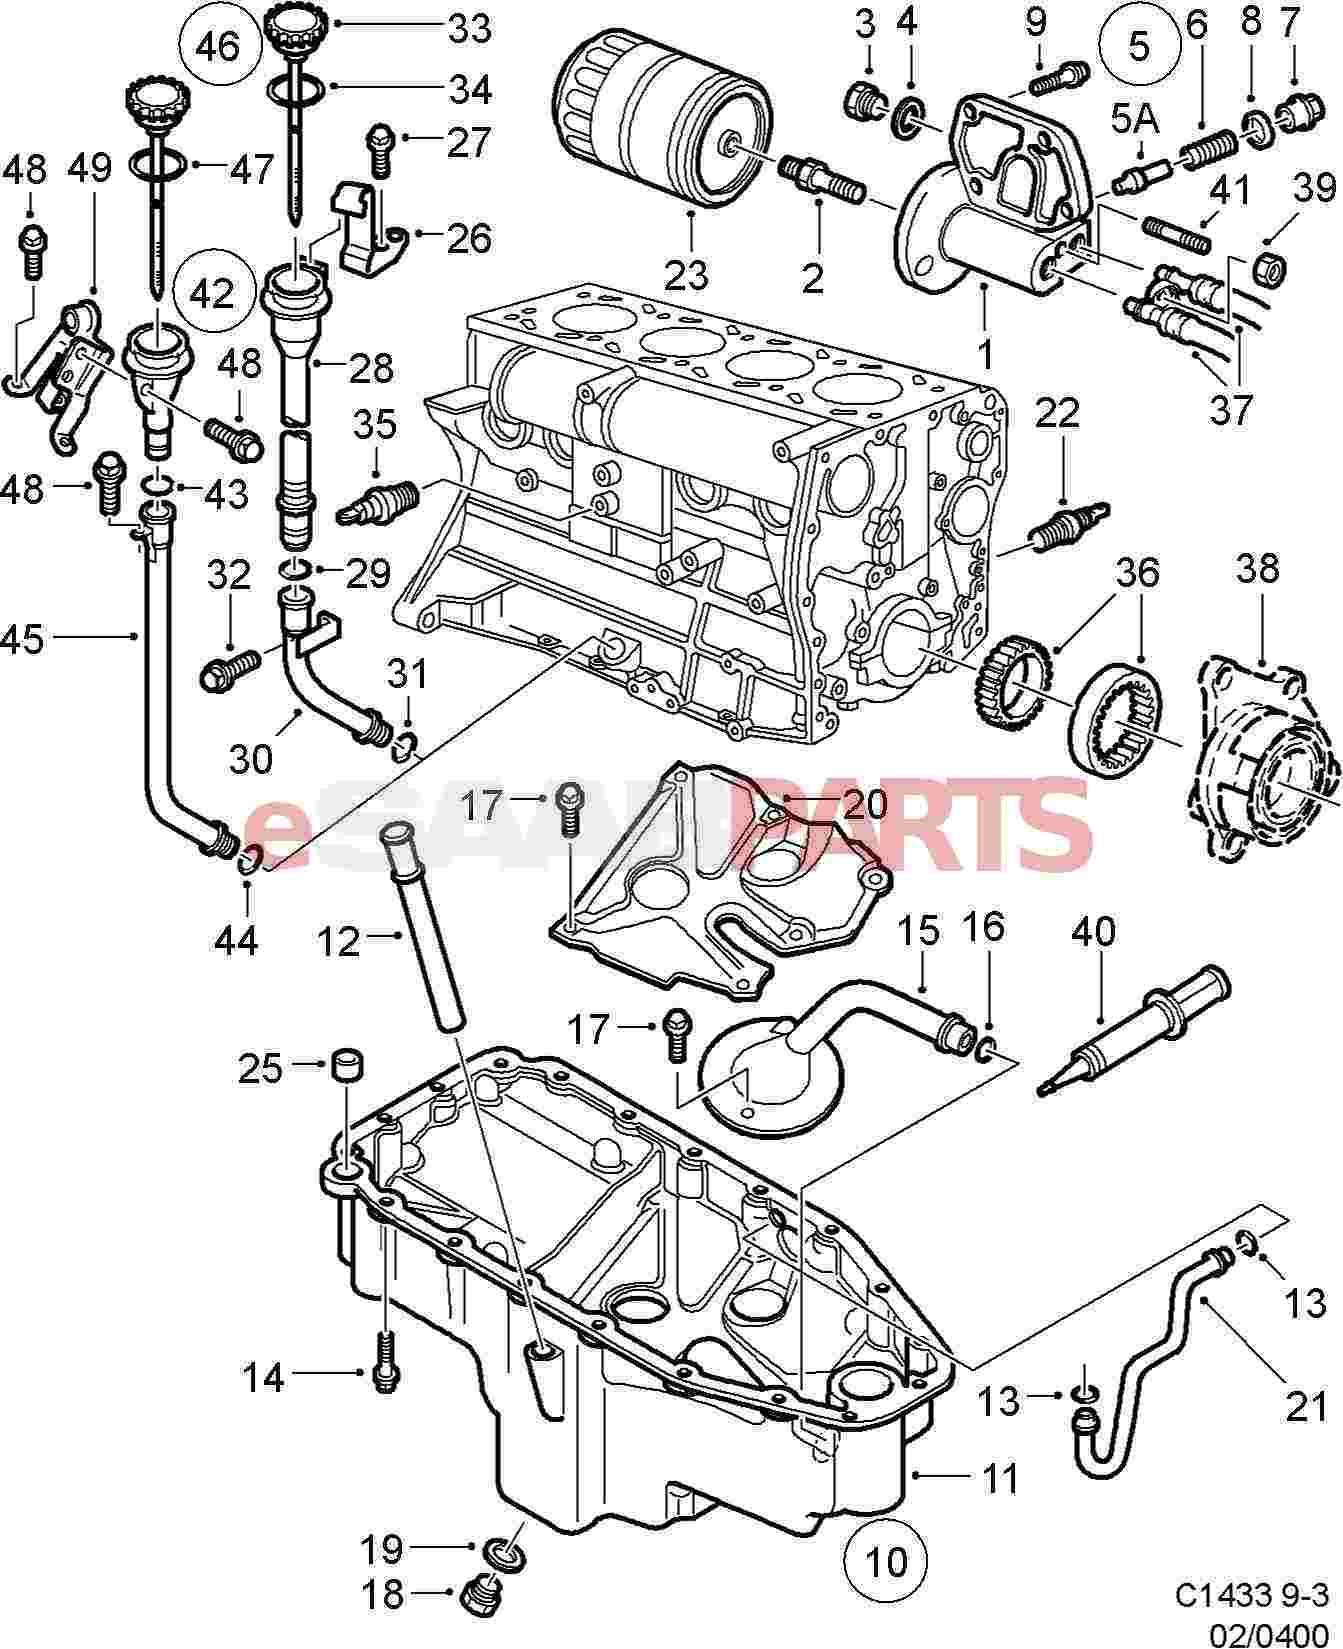 saab engine diagram 2009 9 3